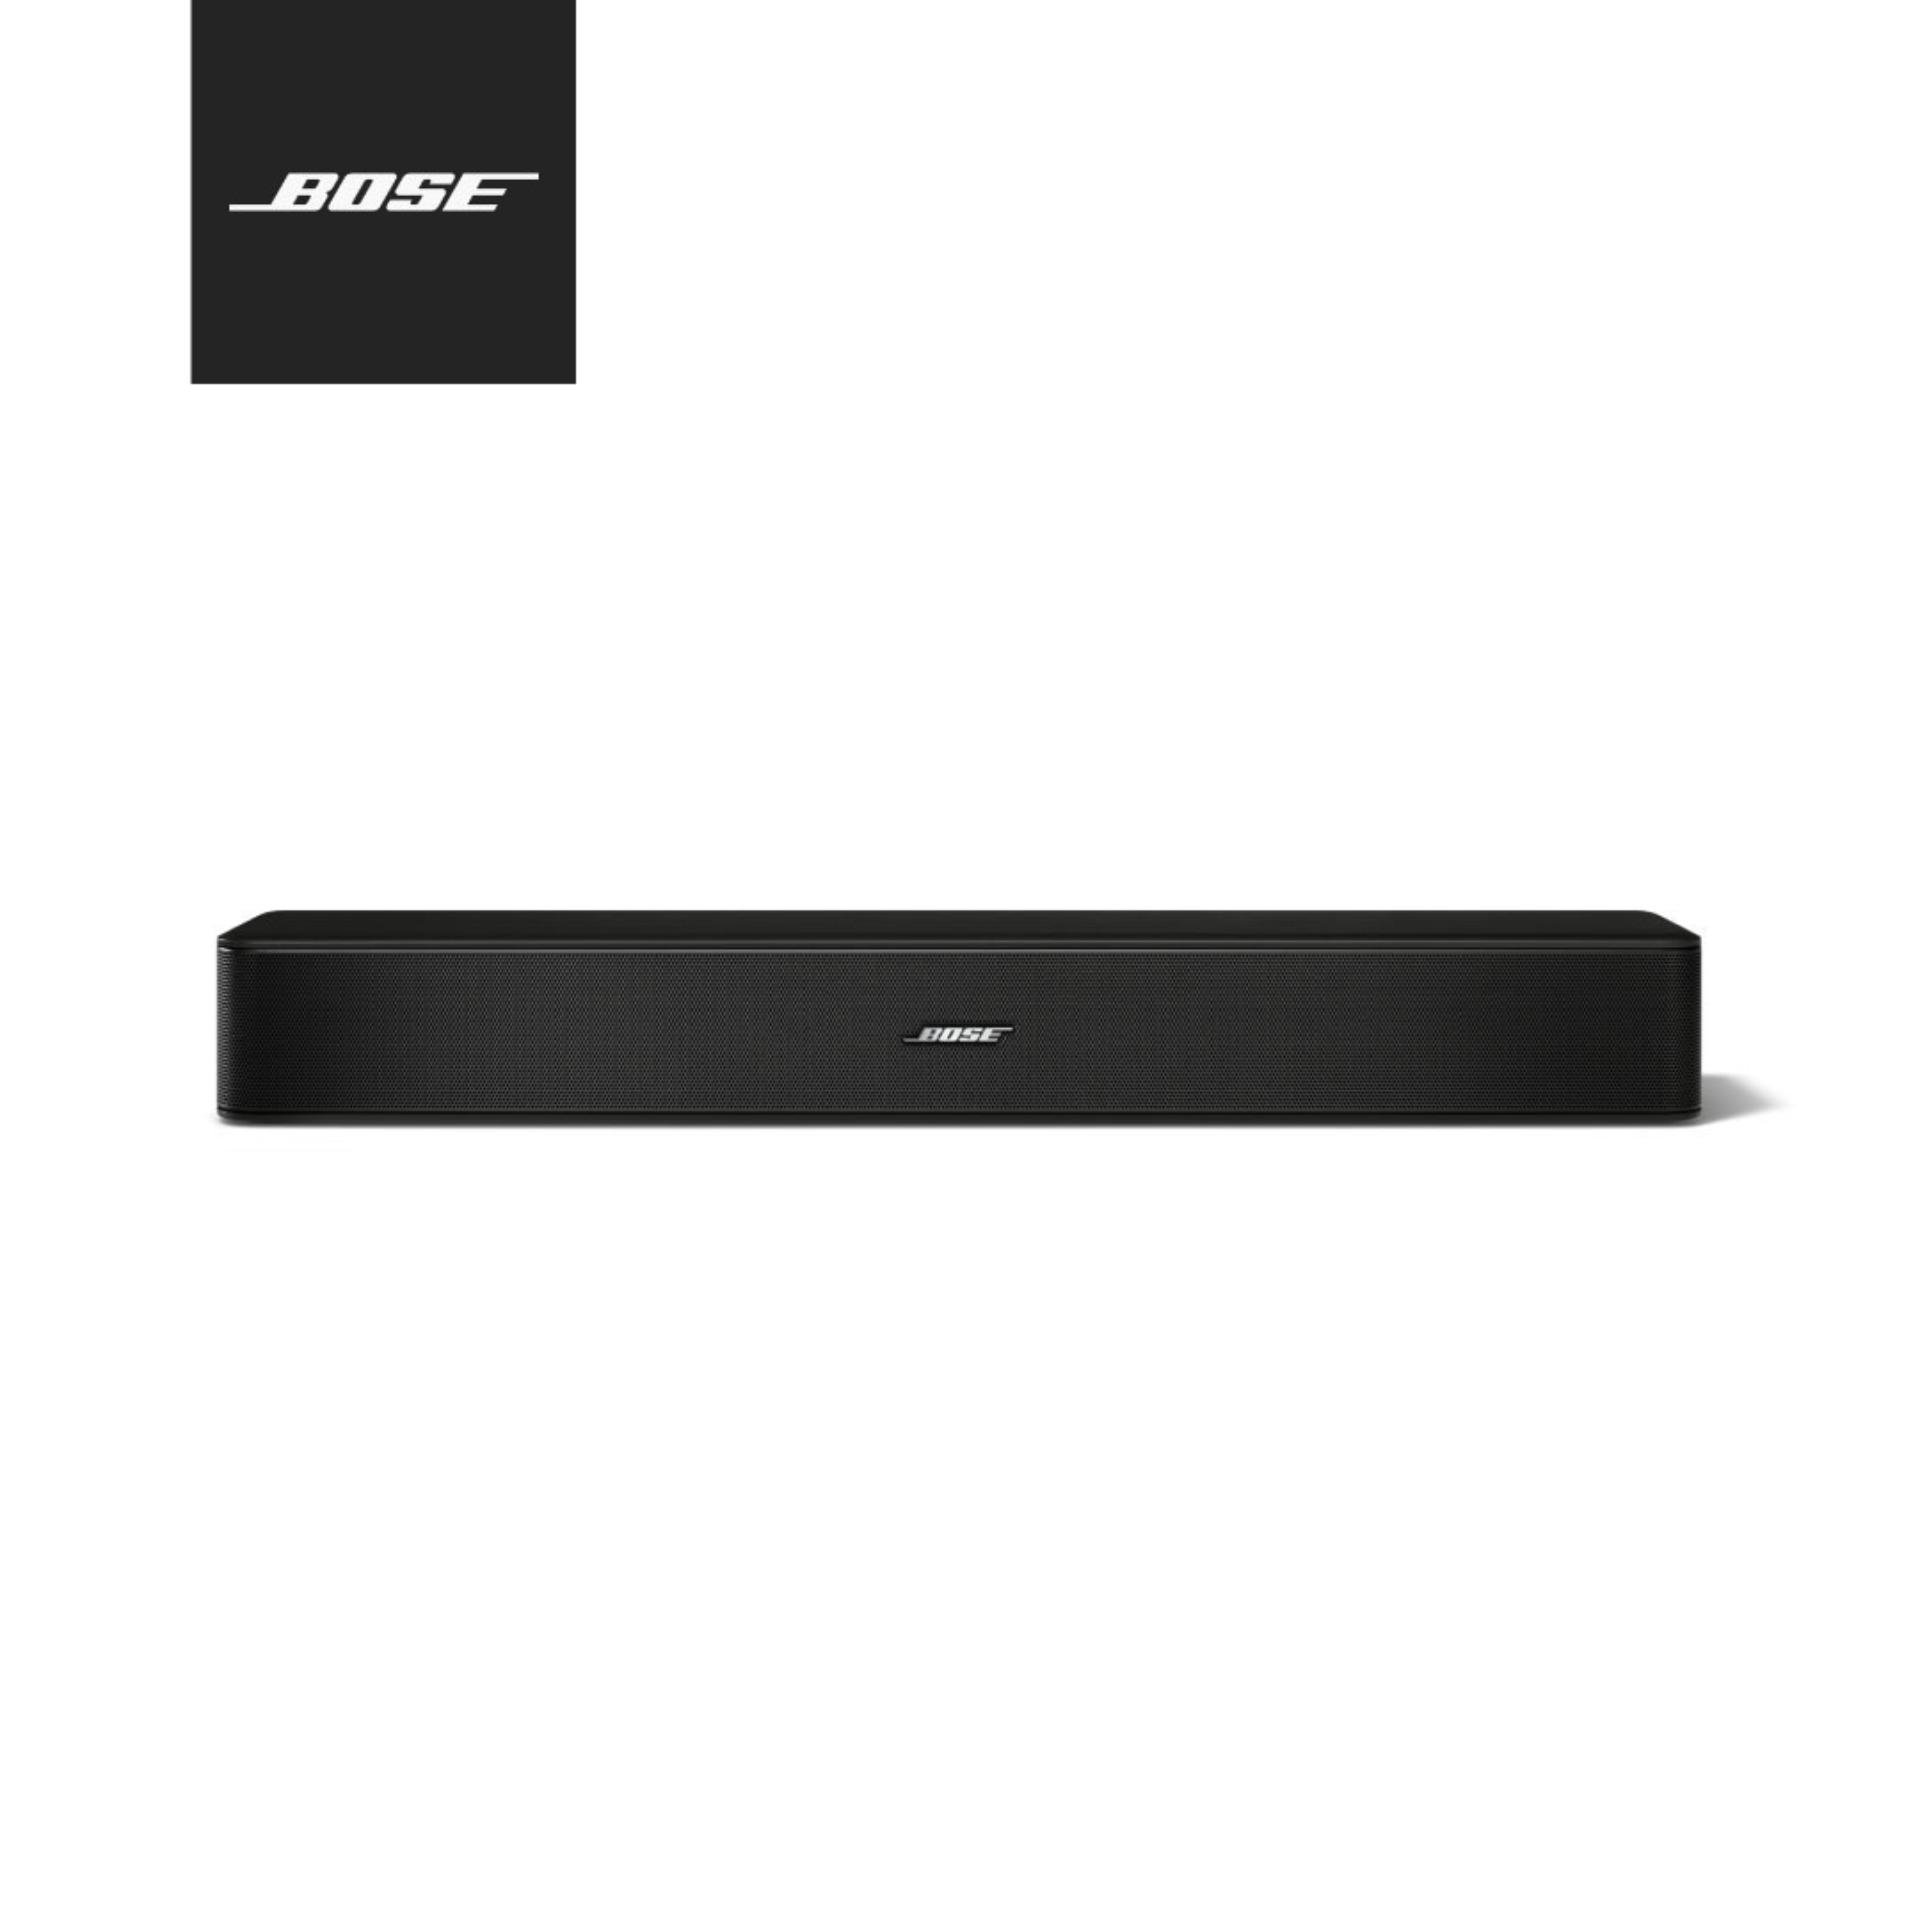 Loa TV Bose Solo 5 - Hãng Phân Phối Chính Thức Giá Giảm